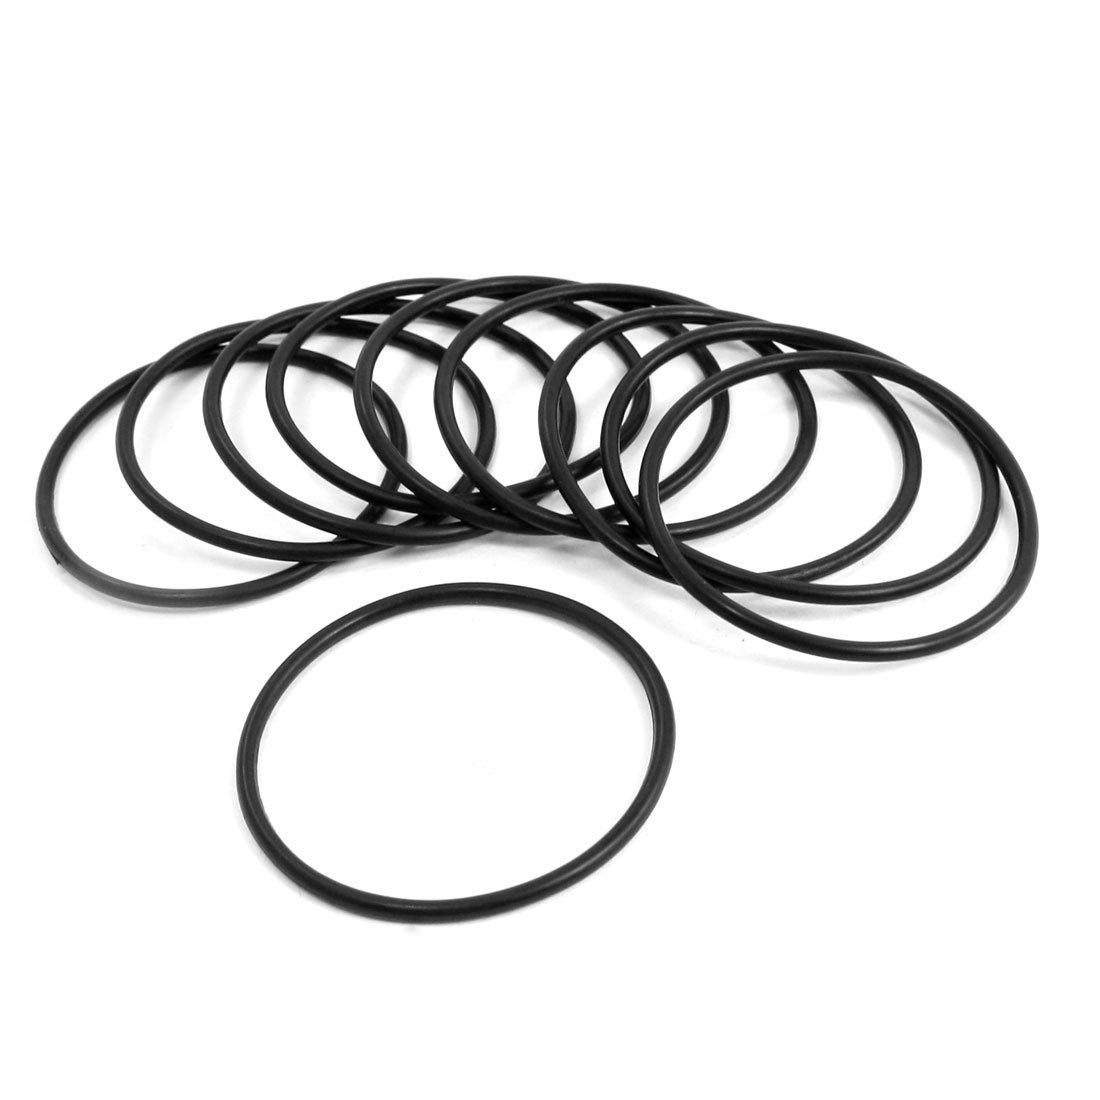 10 pz 16 millimetri x 3 millimetri contenente olio di guarnizioni o-ring di gomma meccanico Sourcingmap